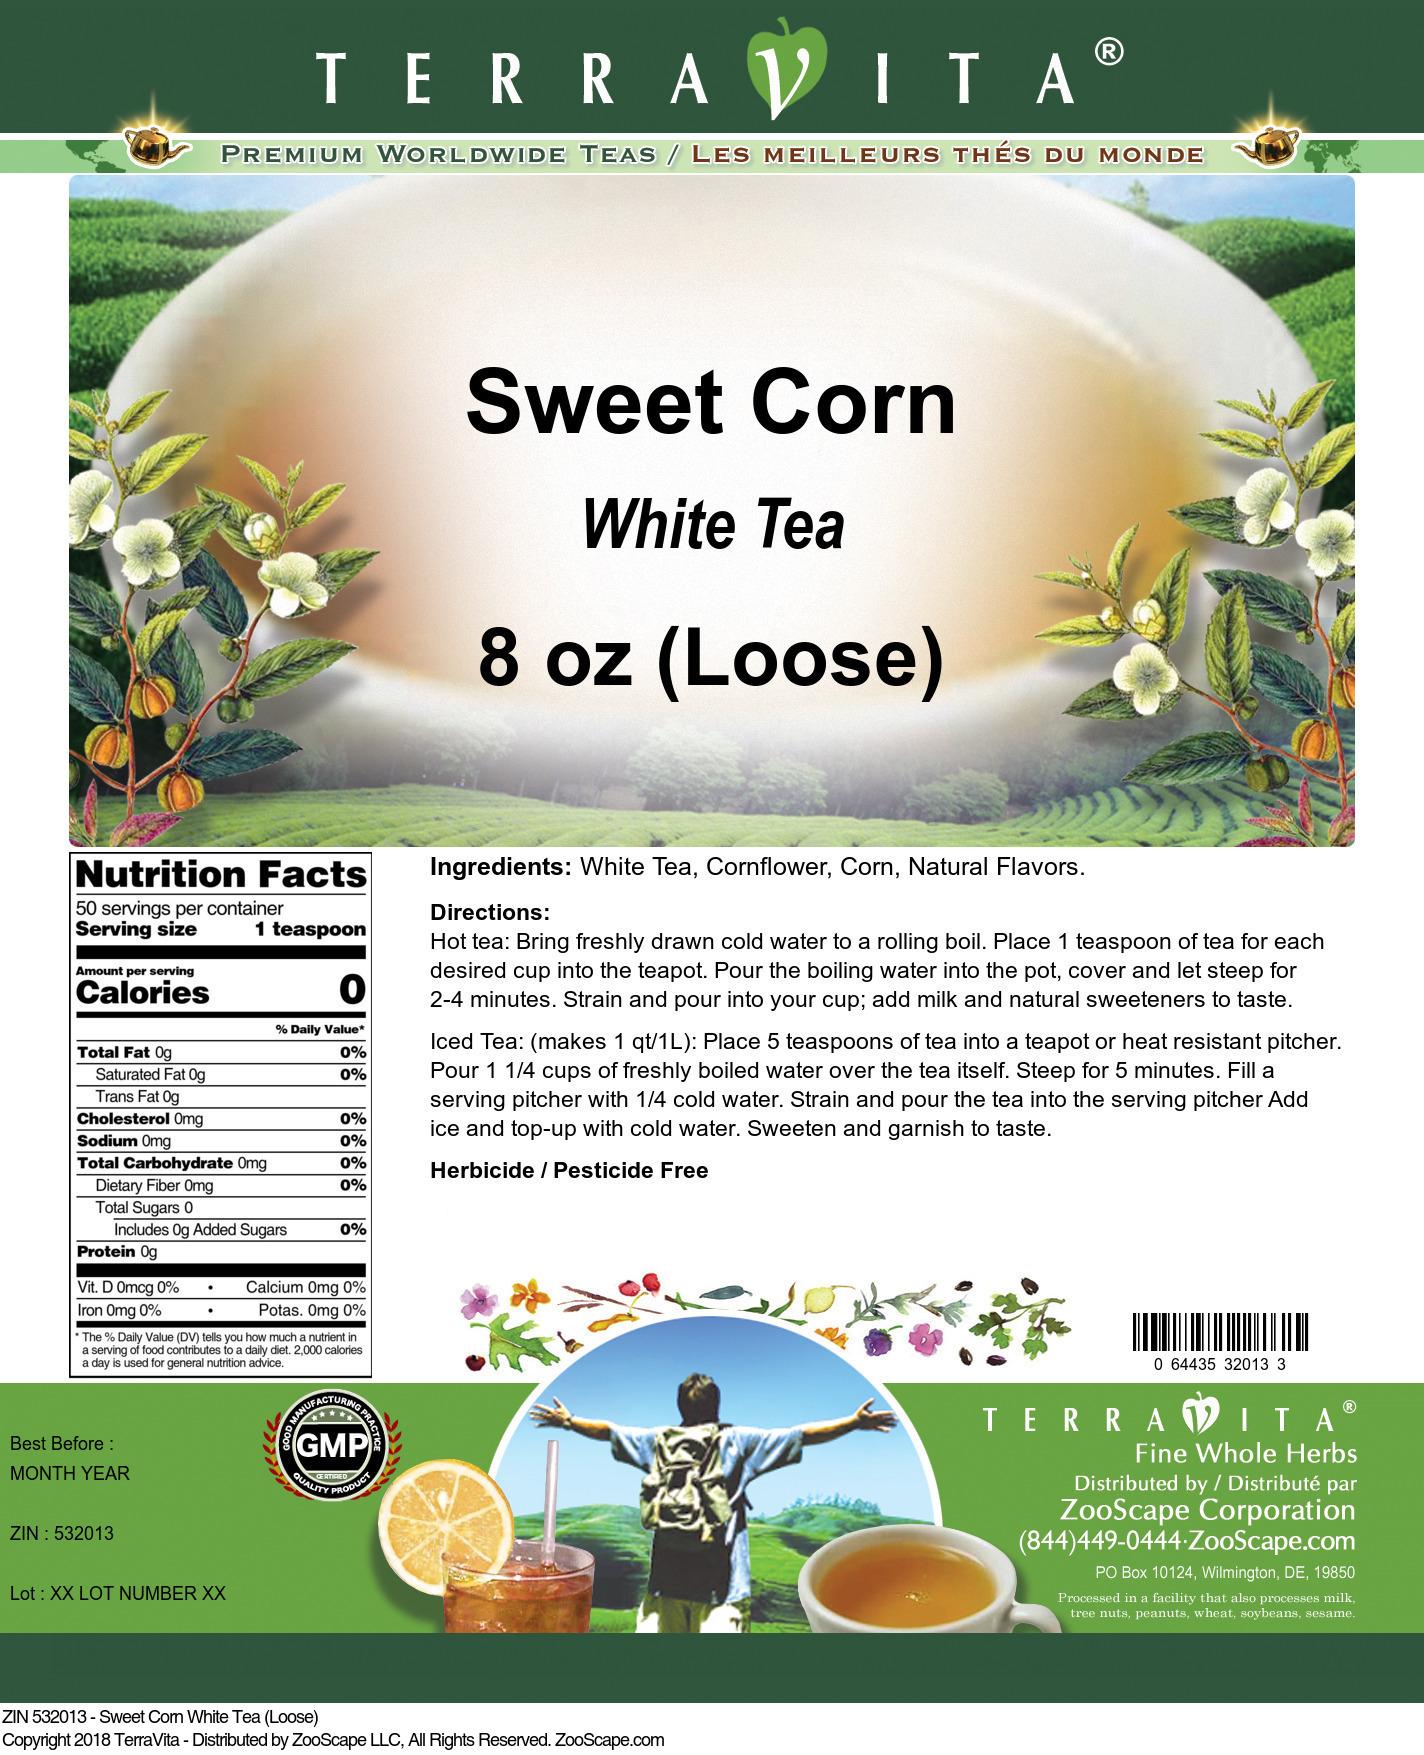 Sweet Corn White Tea